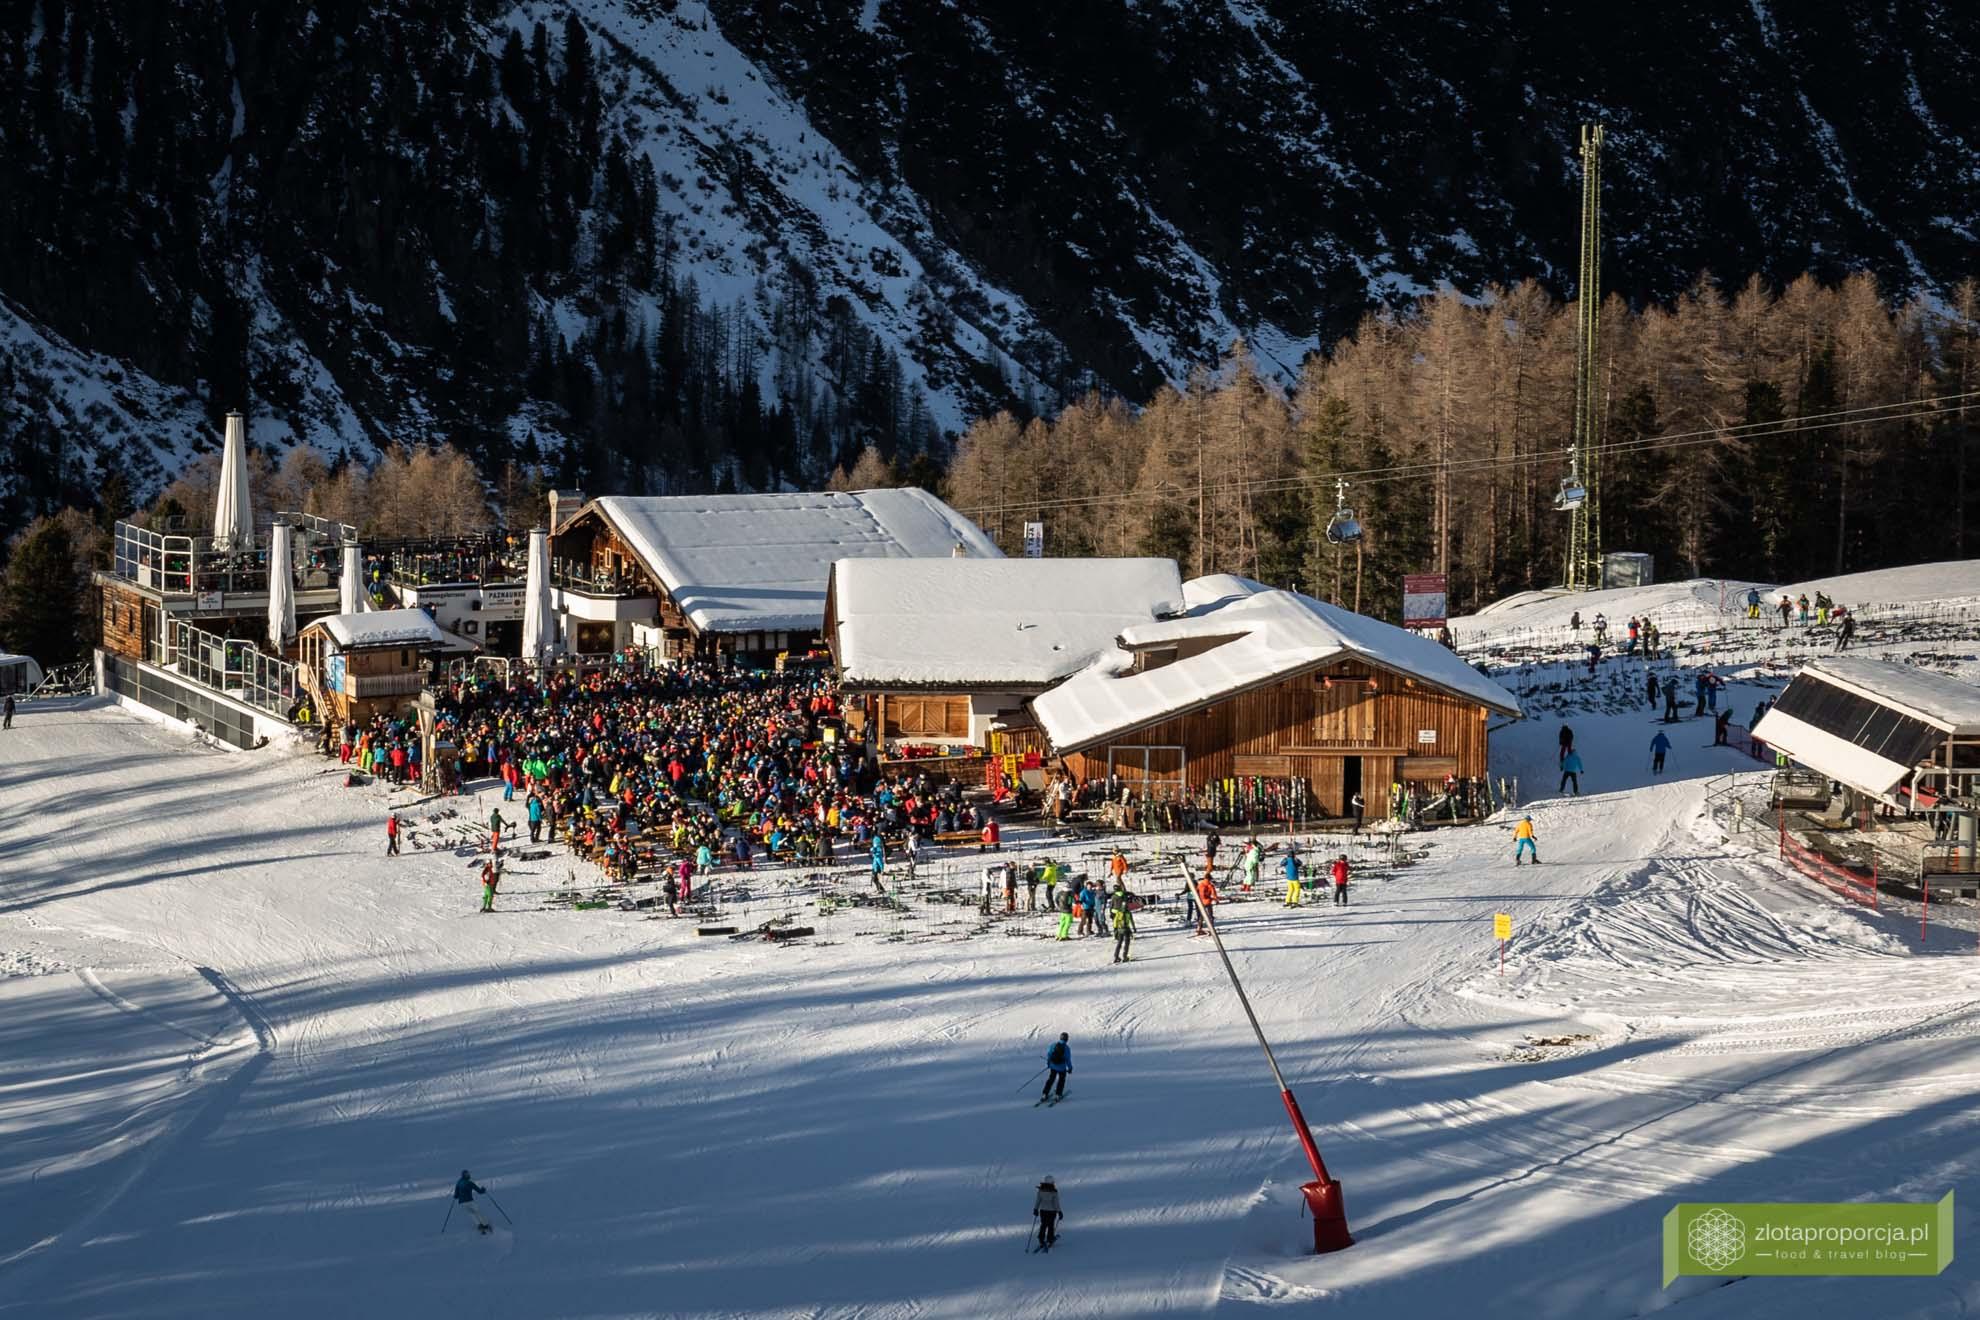 Ischgl; Tyrol; narty w Tyrolu; narty w Austrii; Ischgl trasy; Silvretta Arena; Ischgl narty; Paznauer Thaya Ischgl; apres ski Ischgl;